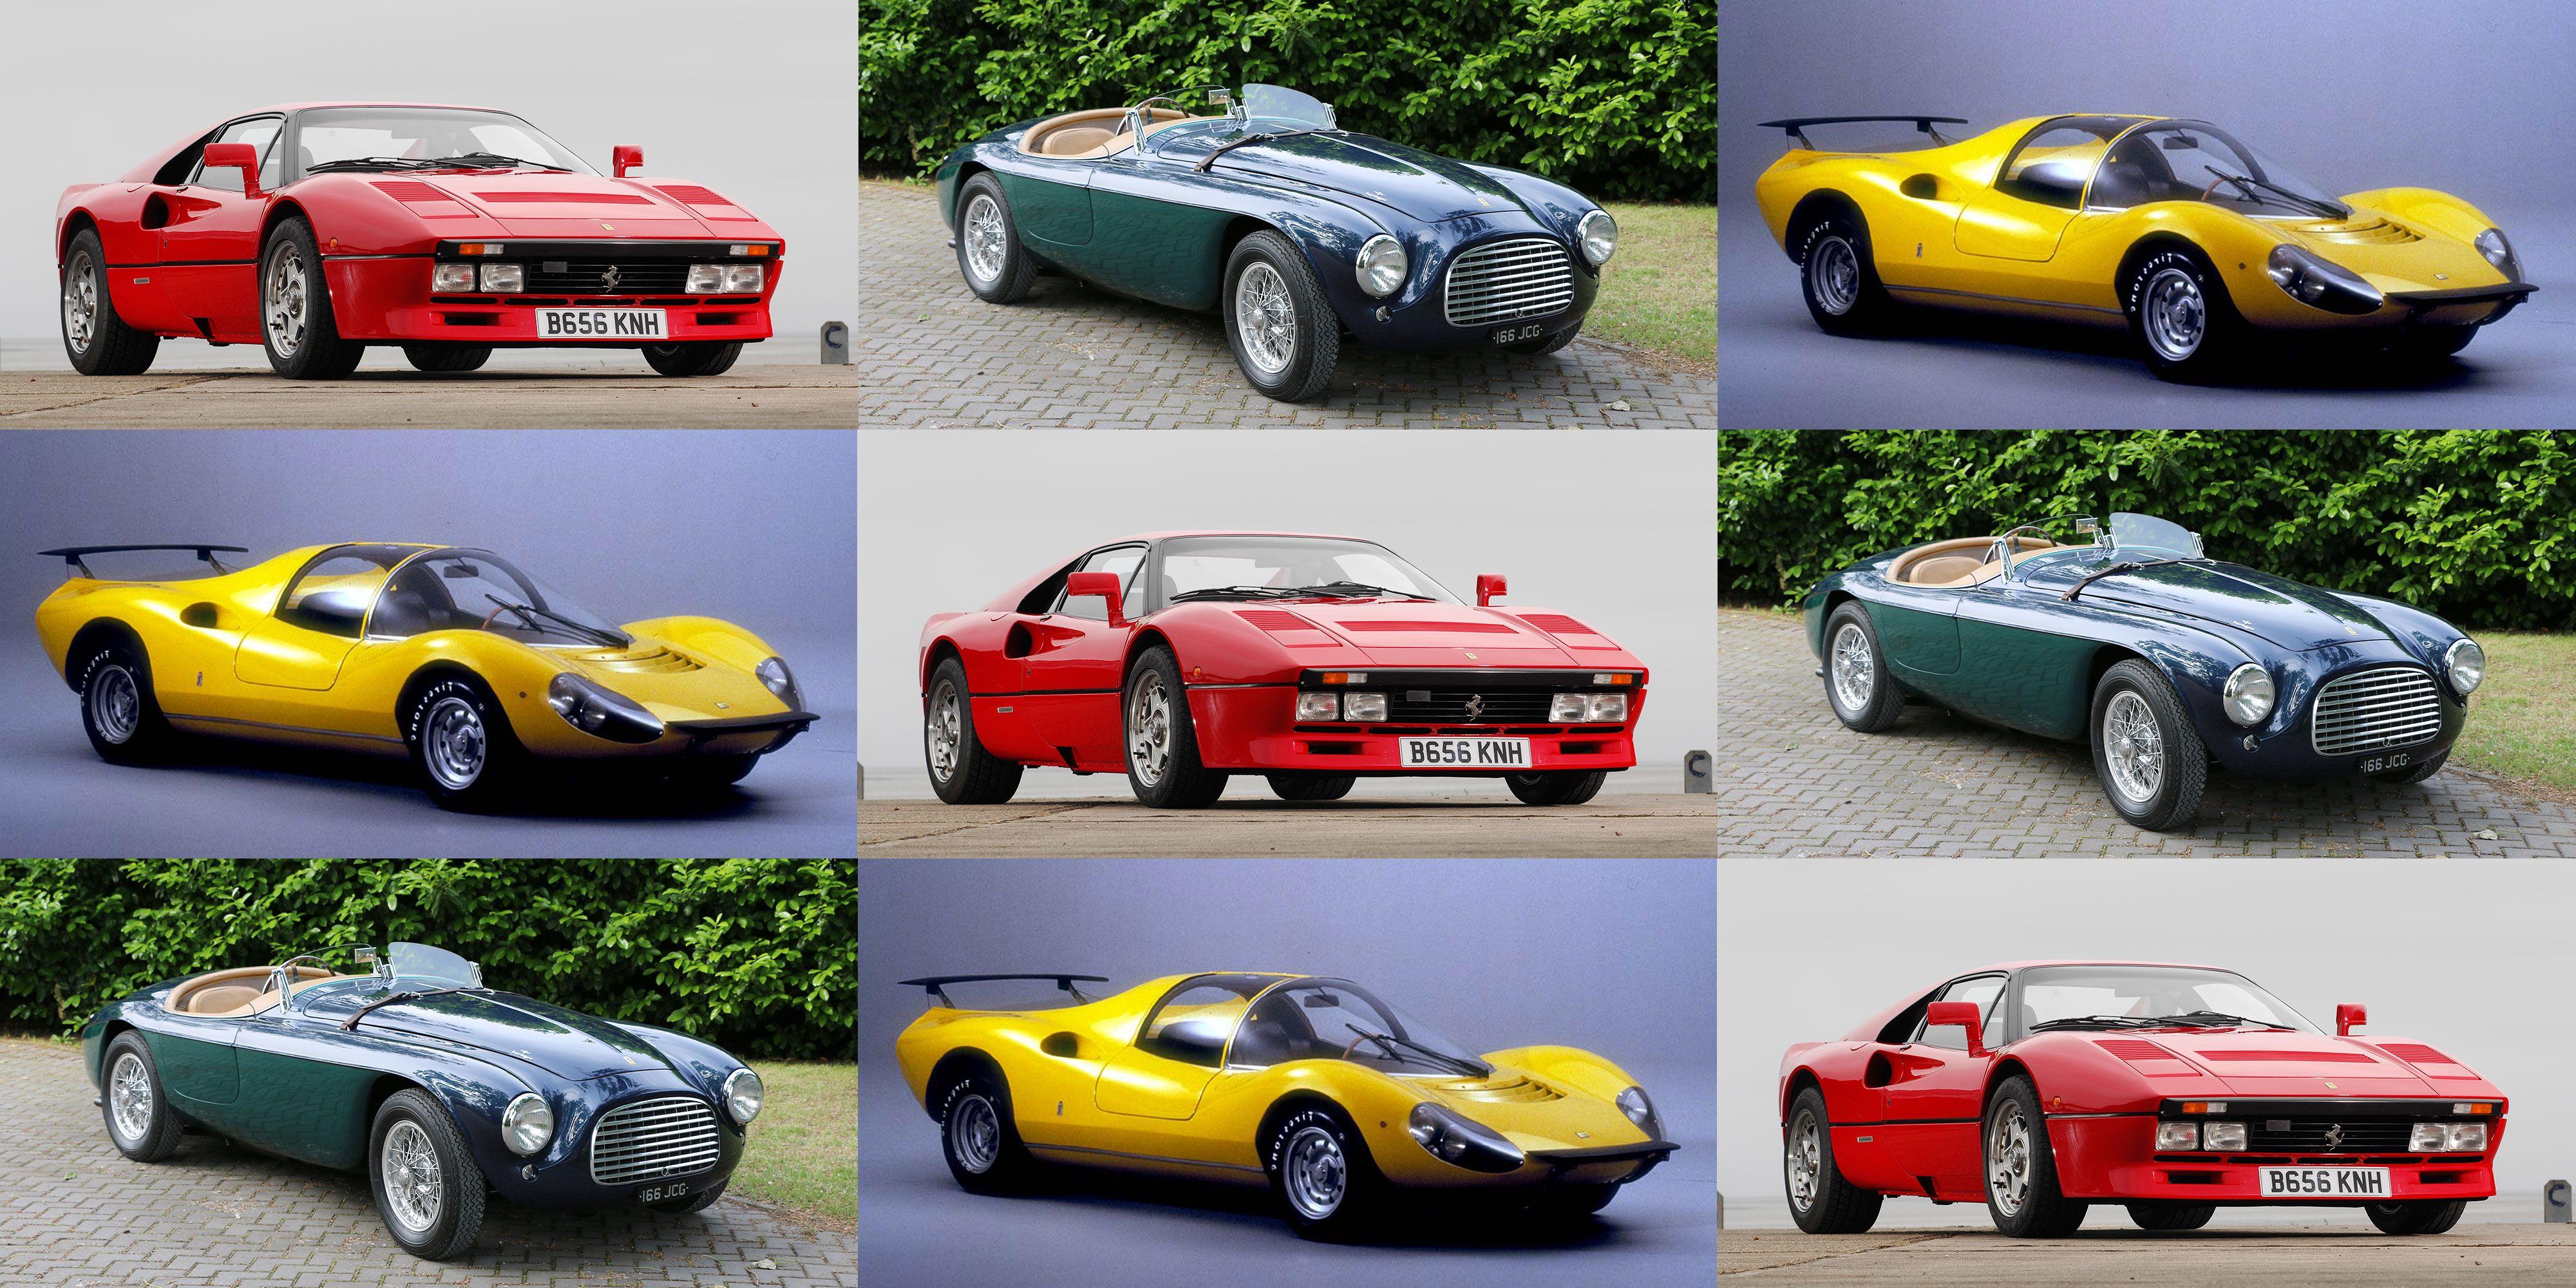 13 Greatest Ferraris Ever Built - Best Ferrari Car Models of All Time